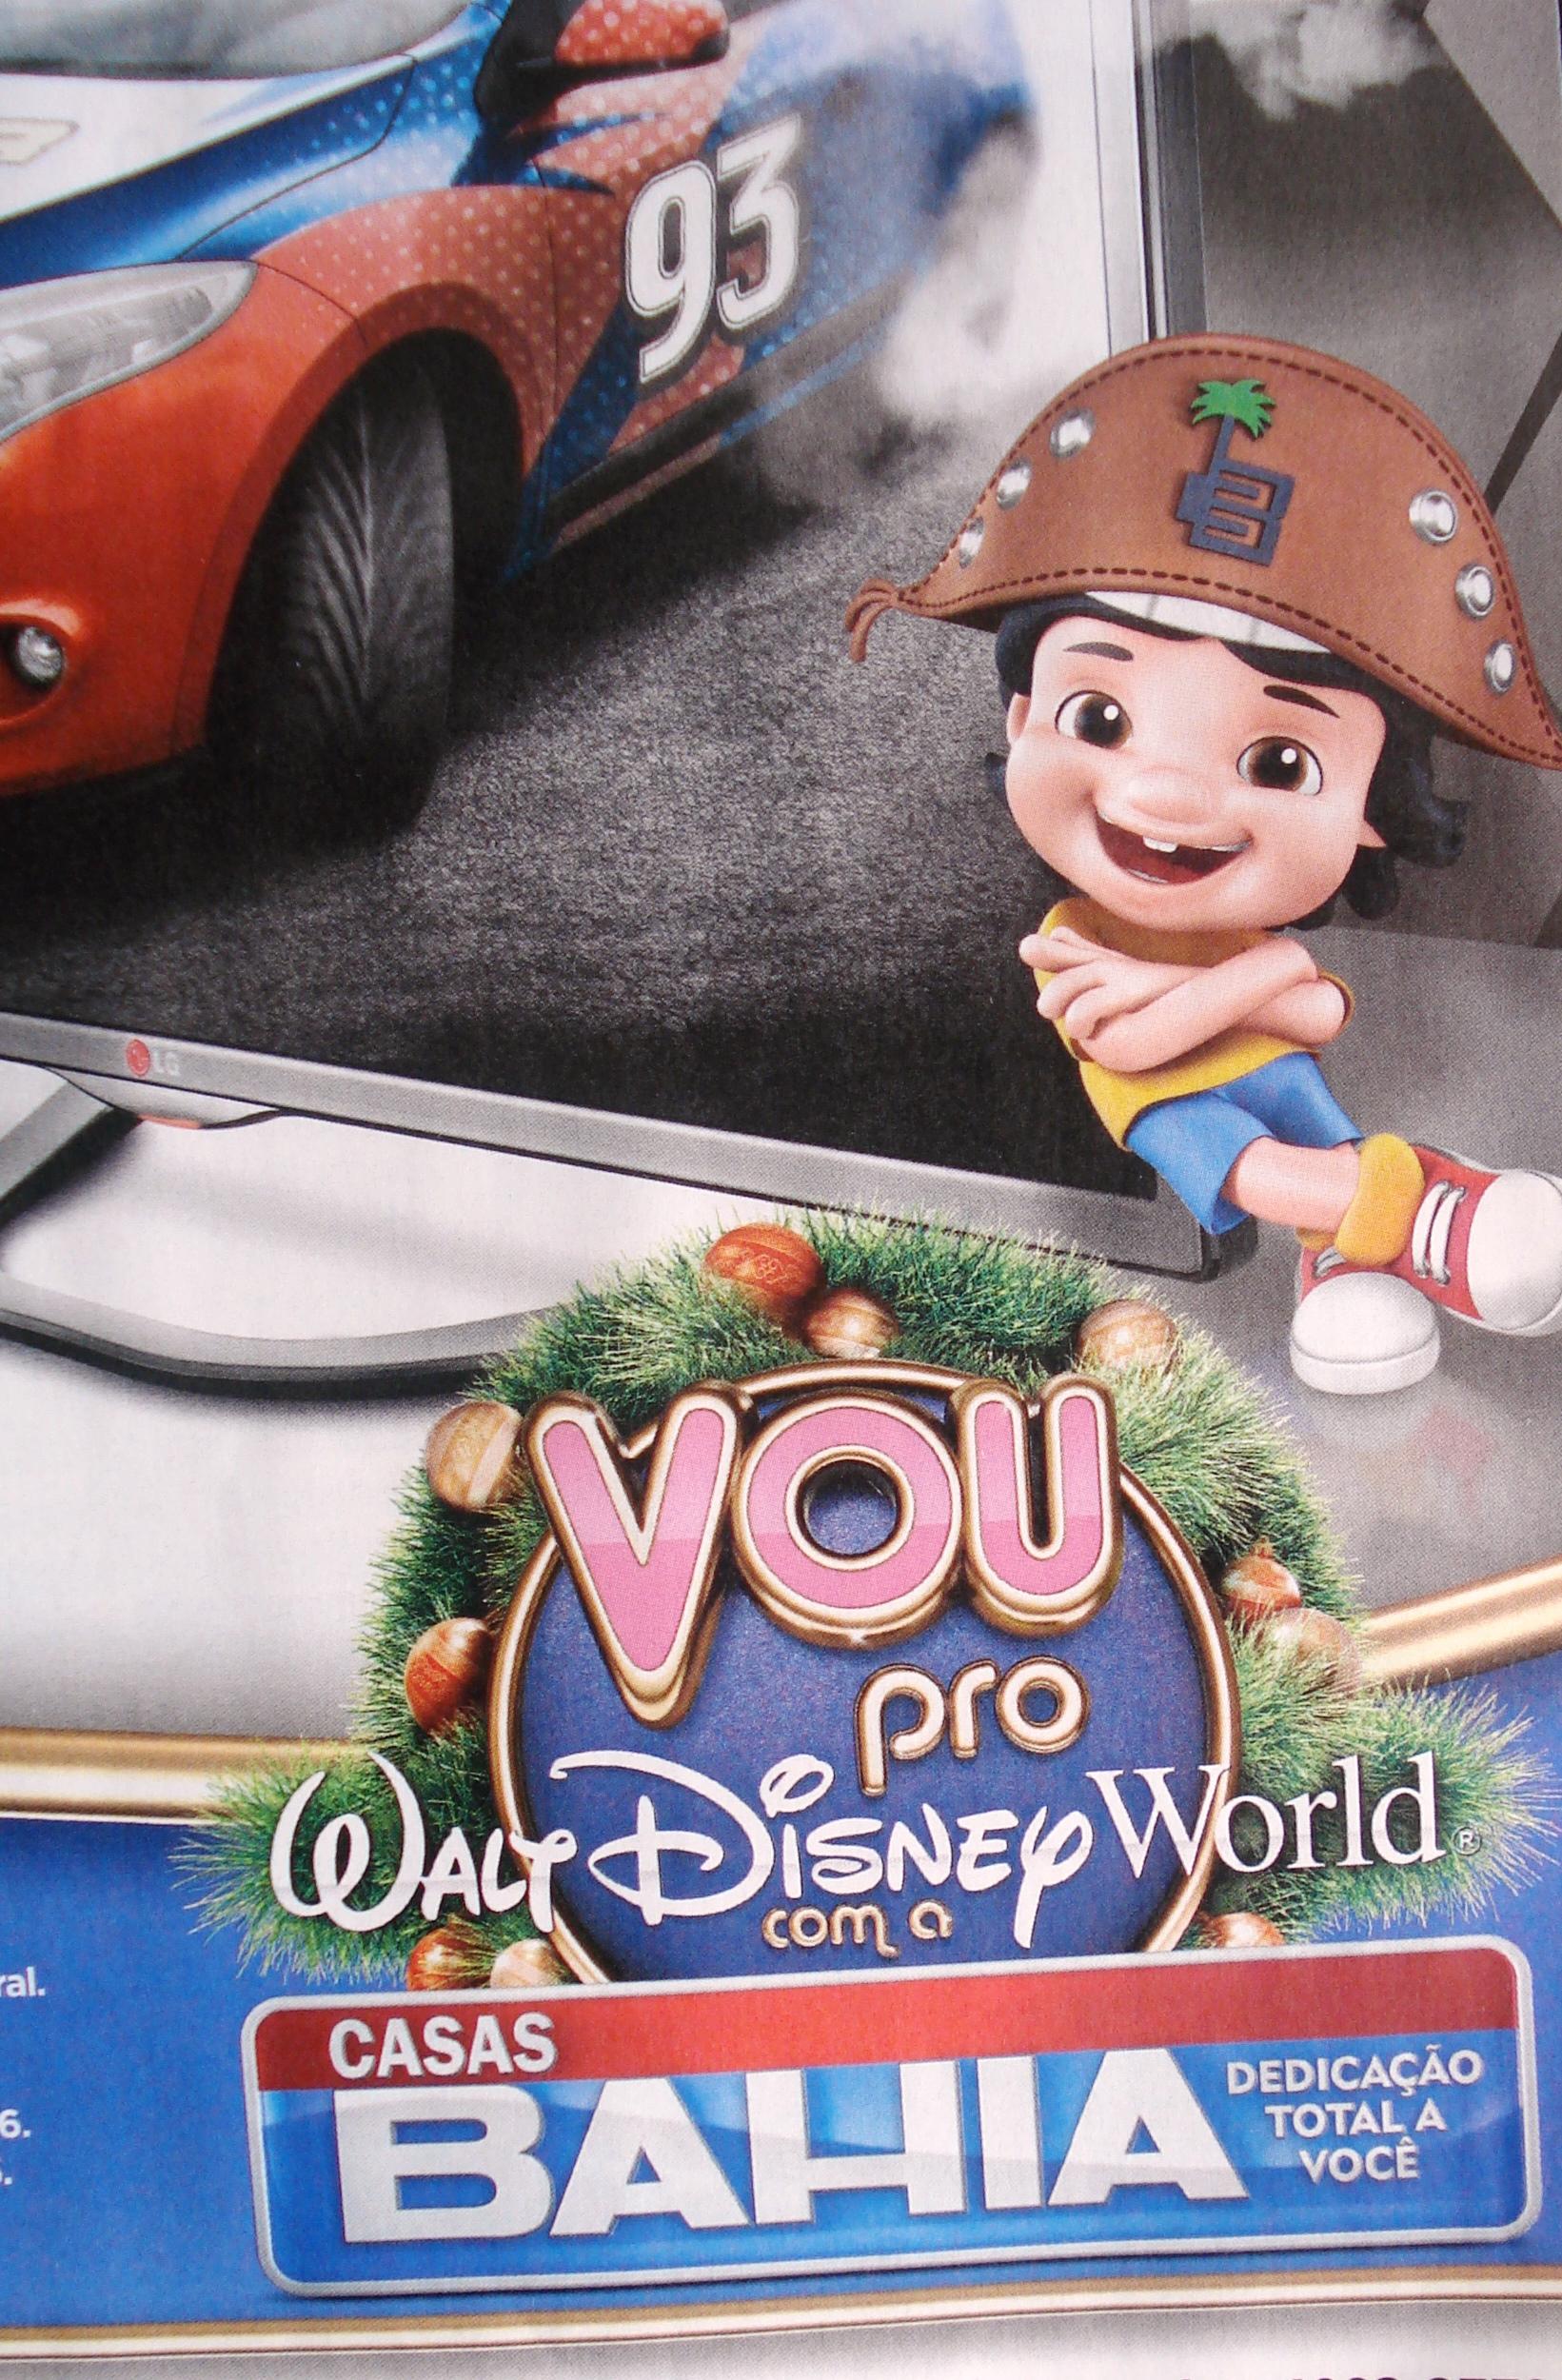 Promoção de Natal: Vou Para o Disney World com as Casas Bahia – Como Participar e Prêmios